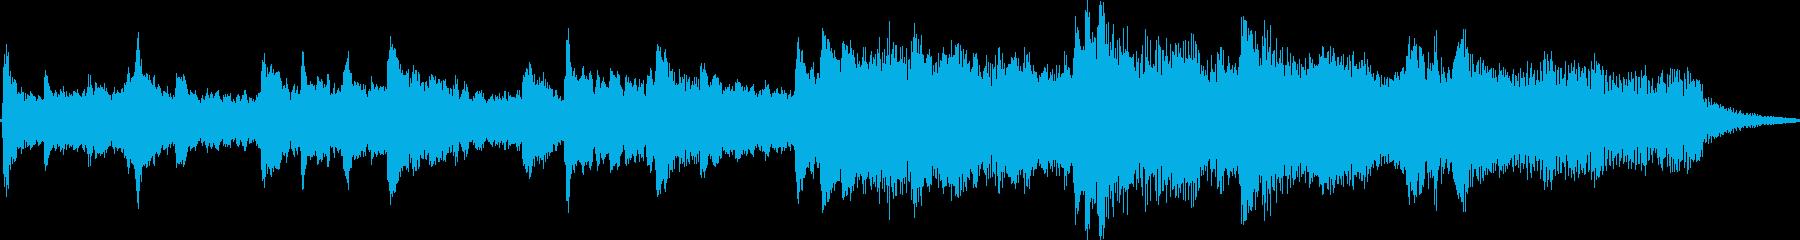 透き通ったピアノ音色が印象的なBGMの再生済みの波形